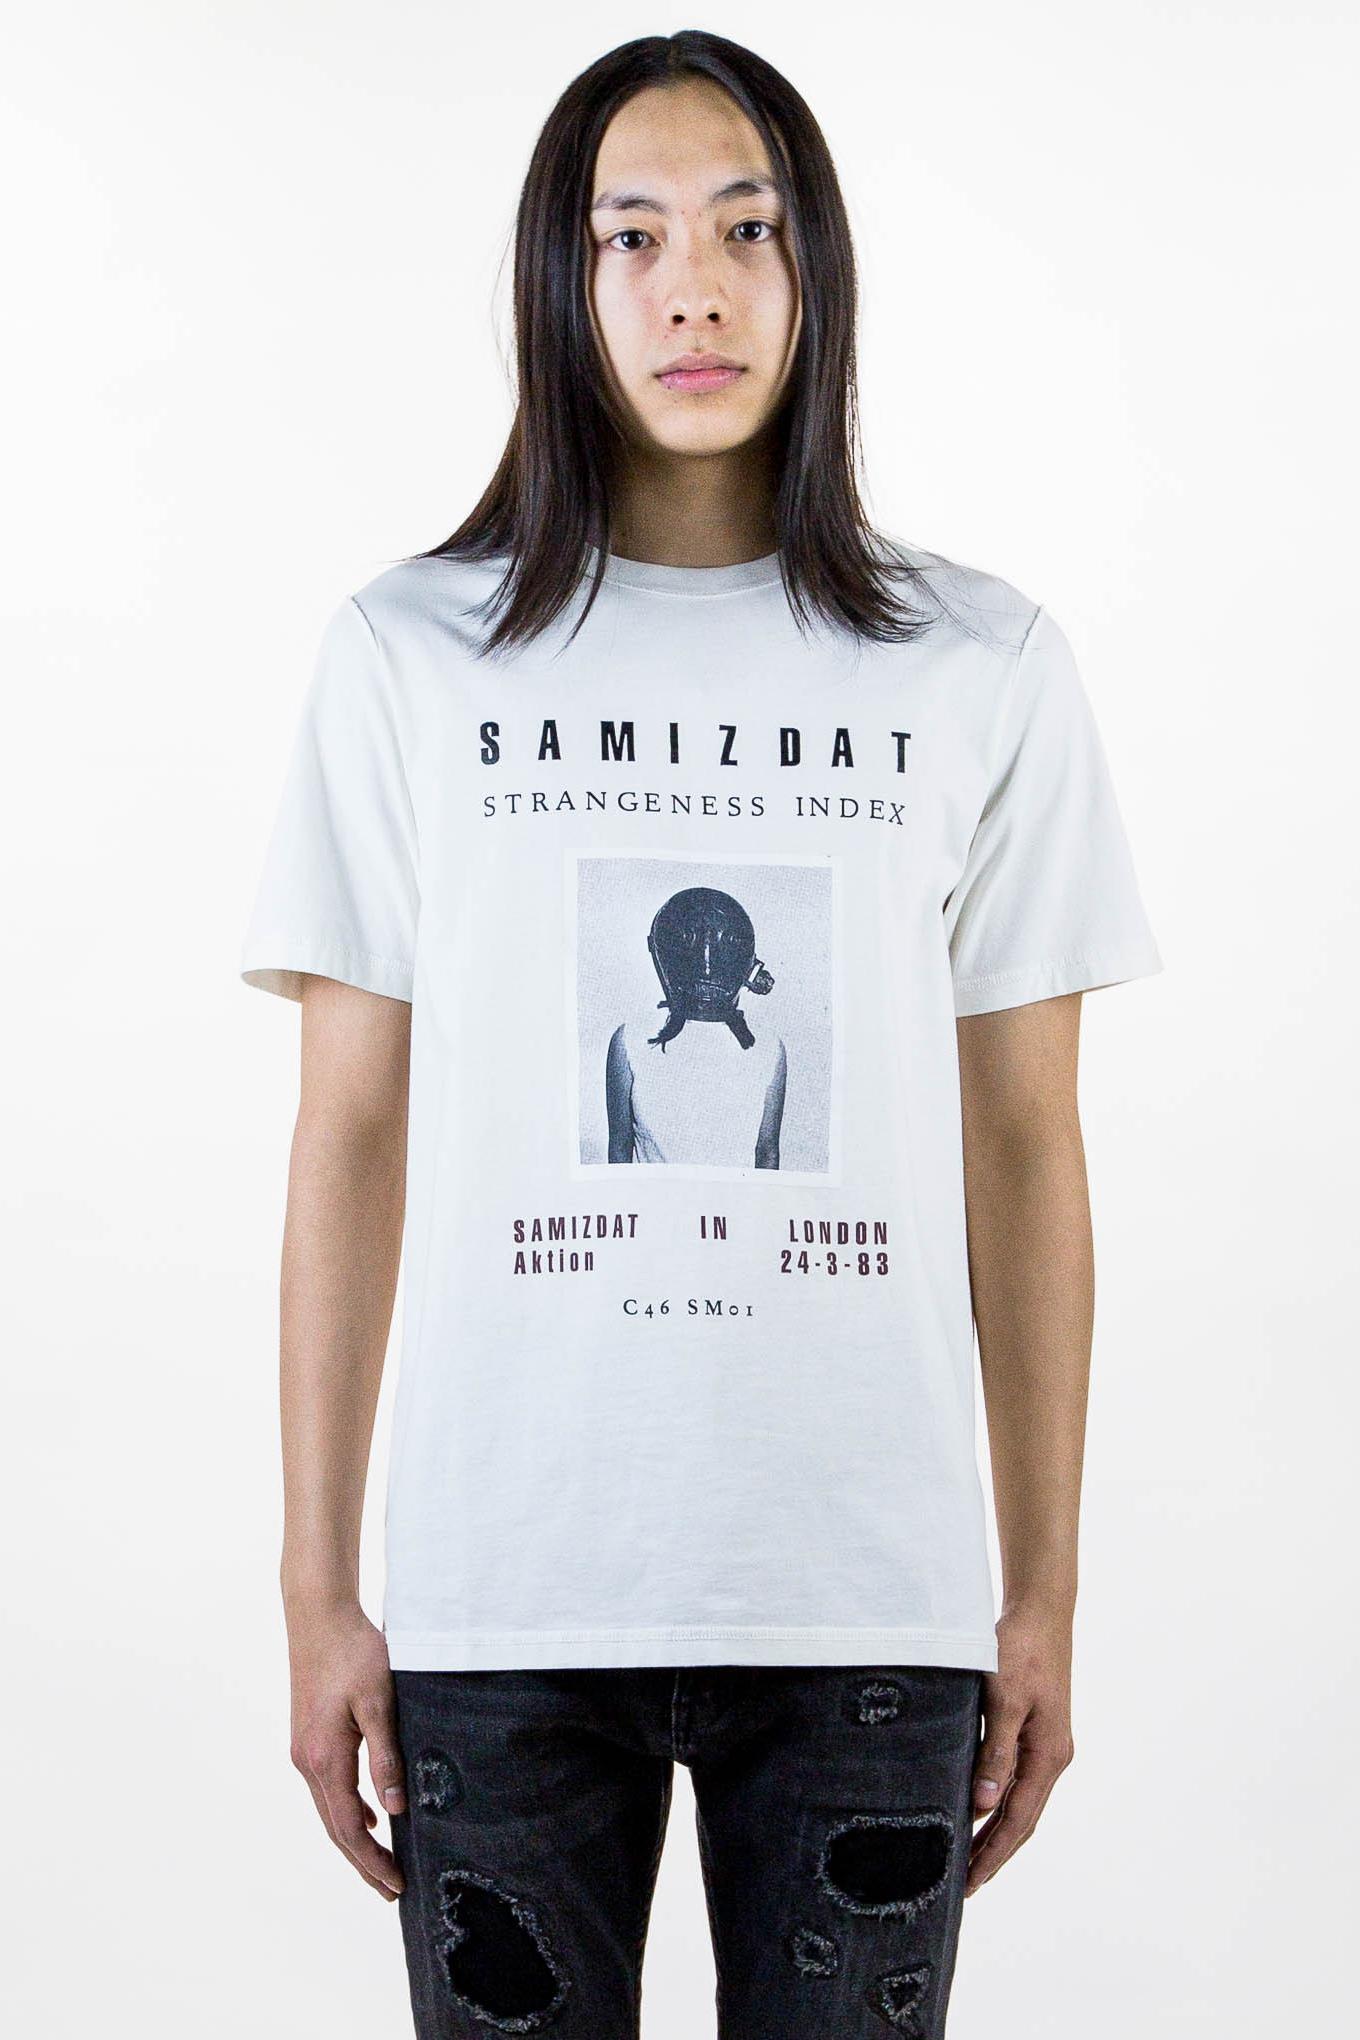 Yang Li SAMIZDAT T-shirt Hoodie Tote Lighter - 1844535